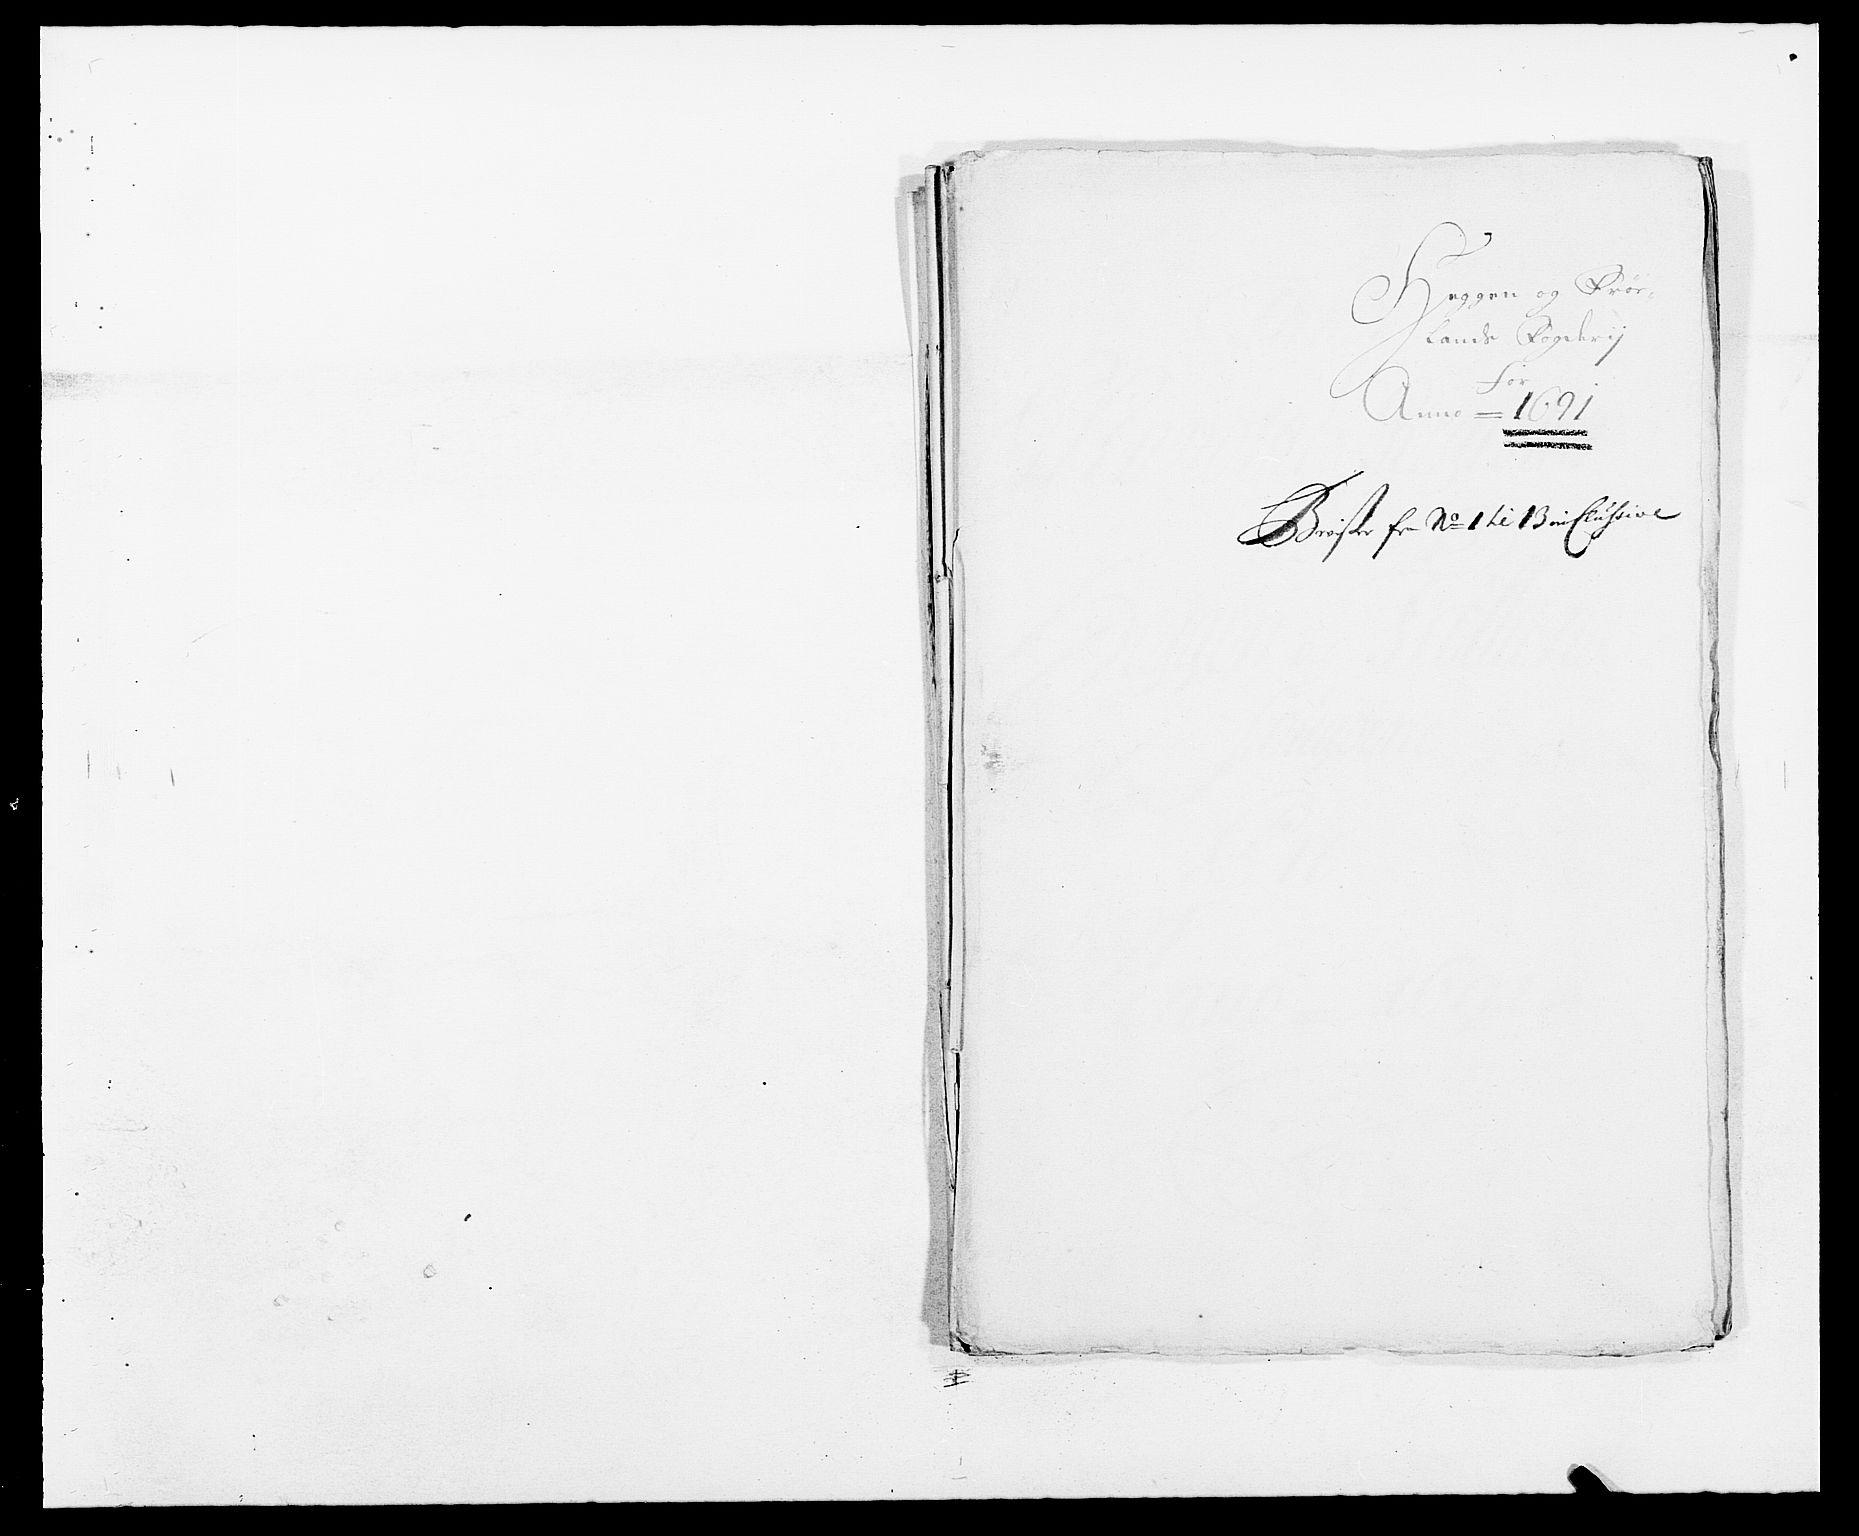 RA, Rentekammeret inntil 1814, Reviderte regnskaper, Fogderegnskap, R06/L0283: Fogderegnskap Heggen og Frøland, 1691-1693, s. 10